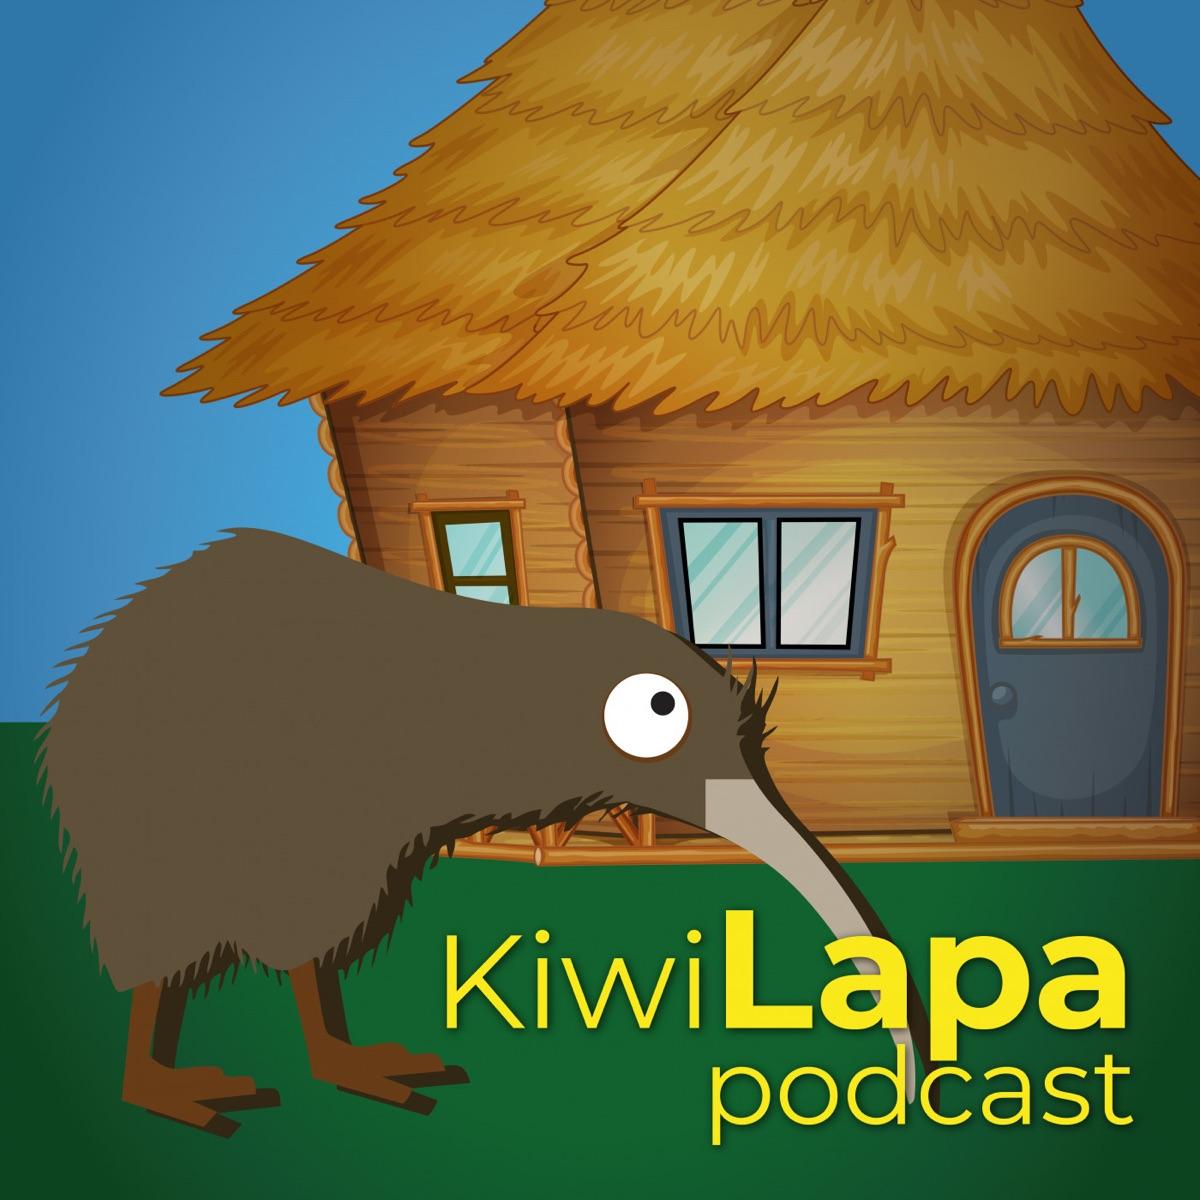 Kiwi Lapa